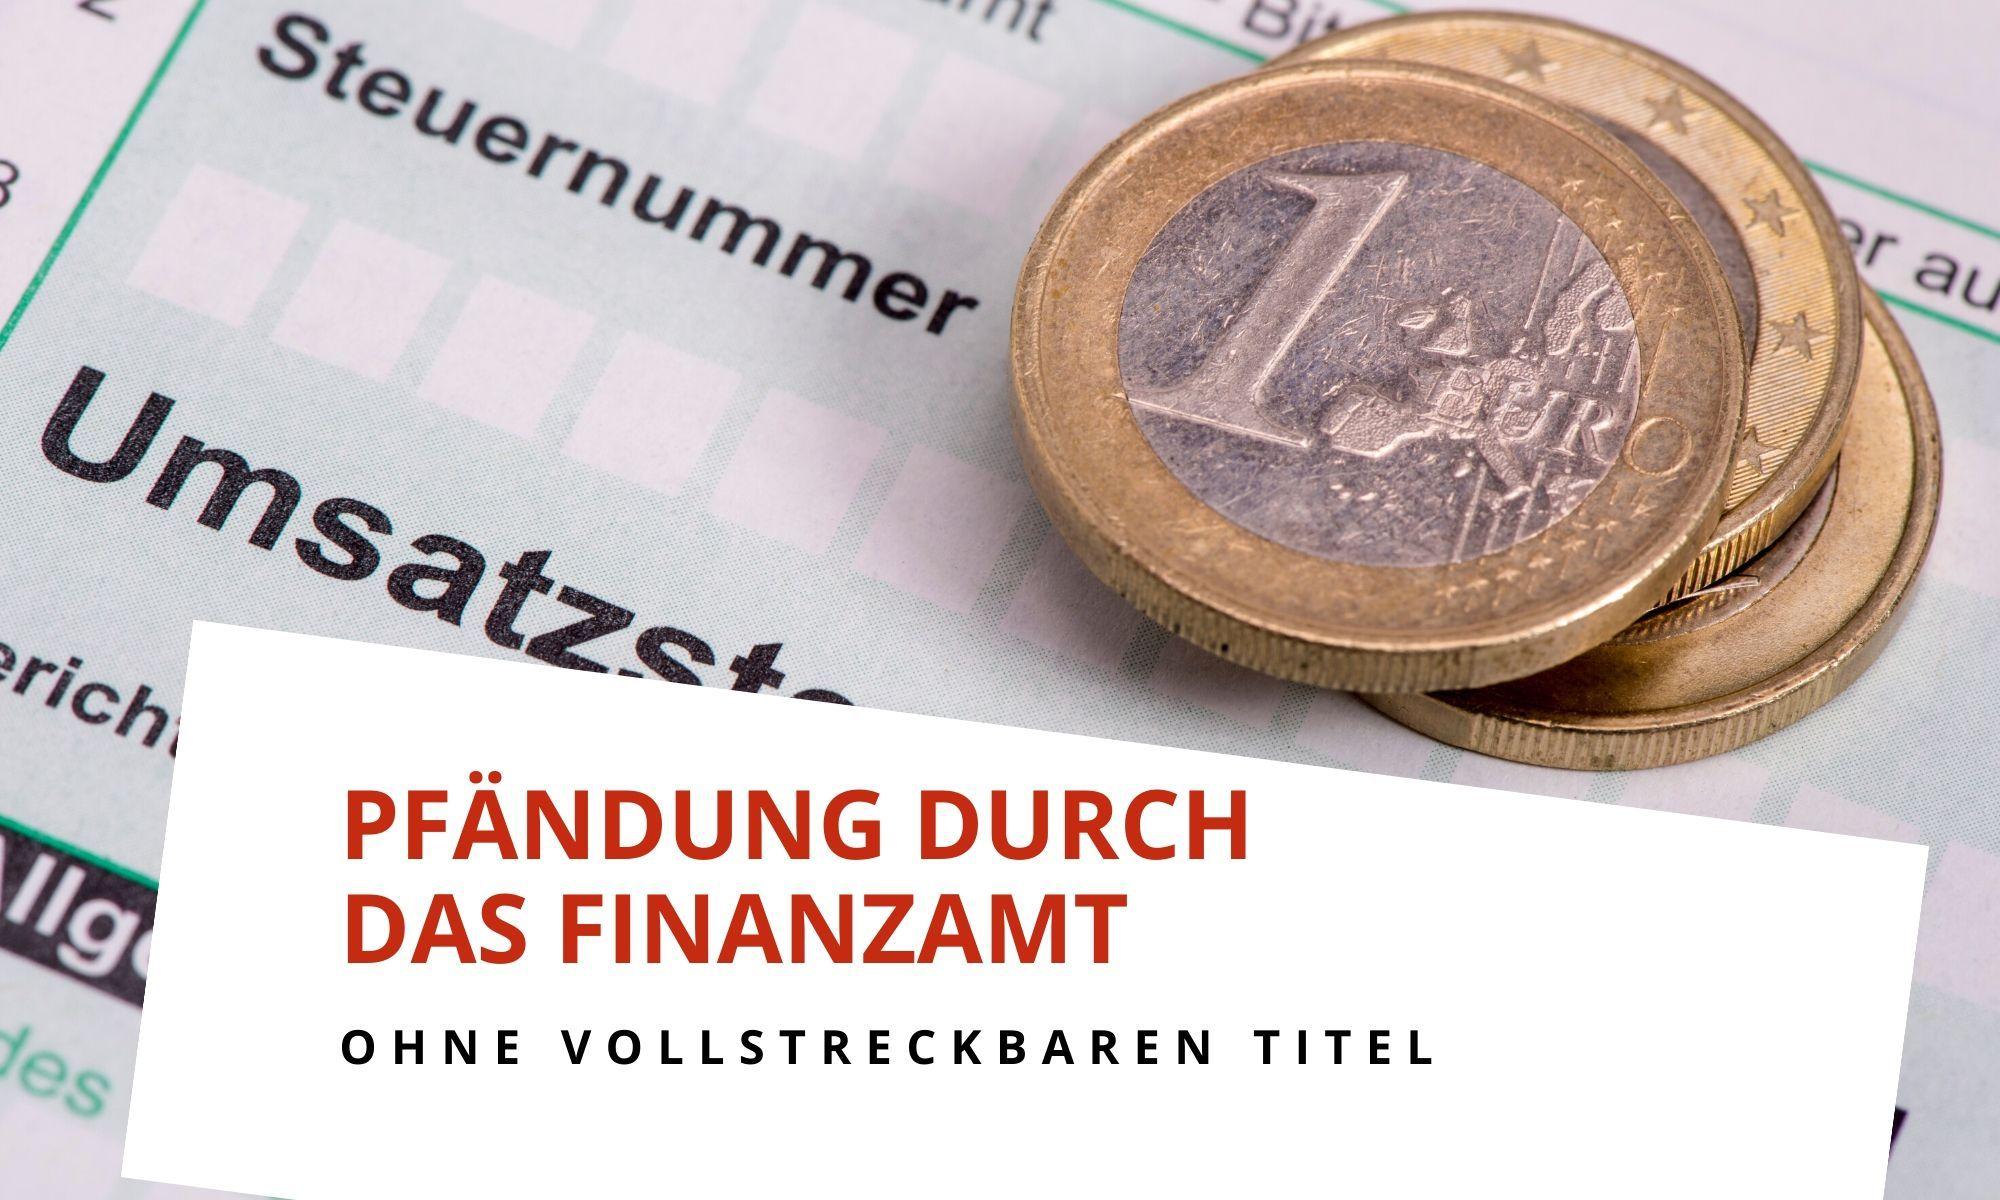 Pfändung durch das Finanzamt auf dem Konto und des Gehalts